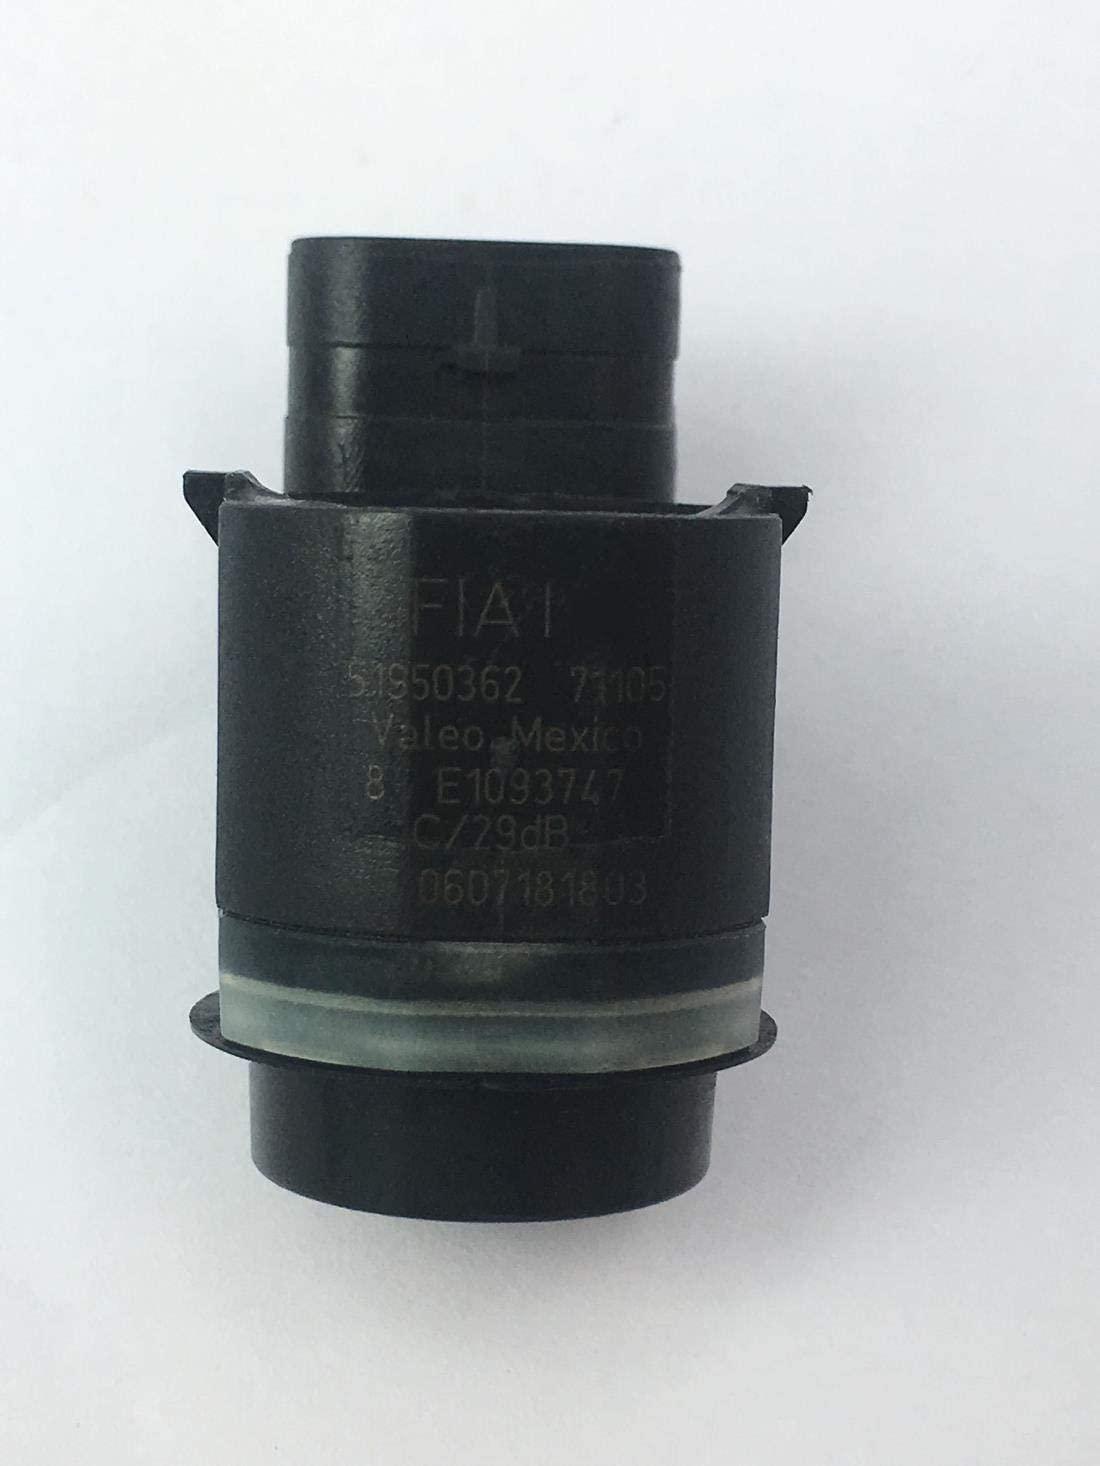 51950362(71105,71106) Parking Sensor Original Fiat NOTA Fiscal Black and Grey